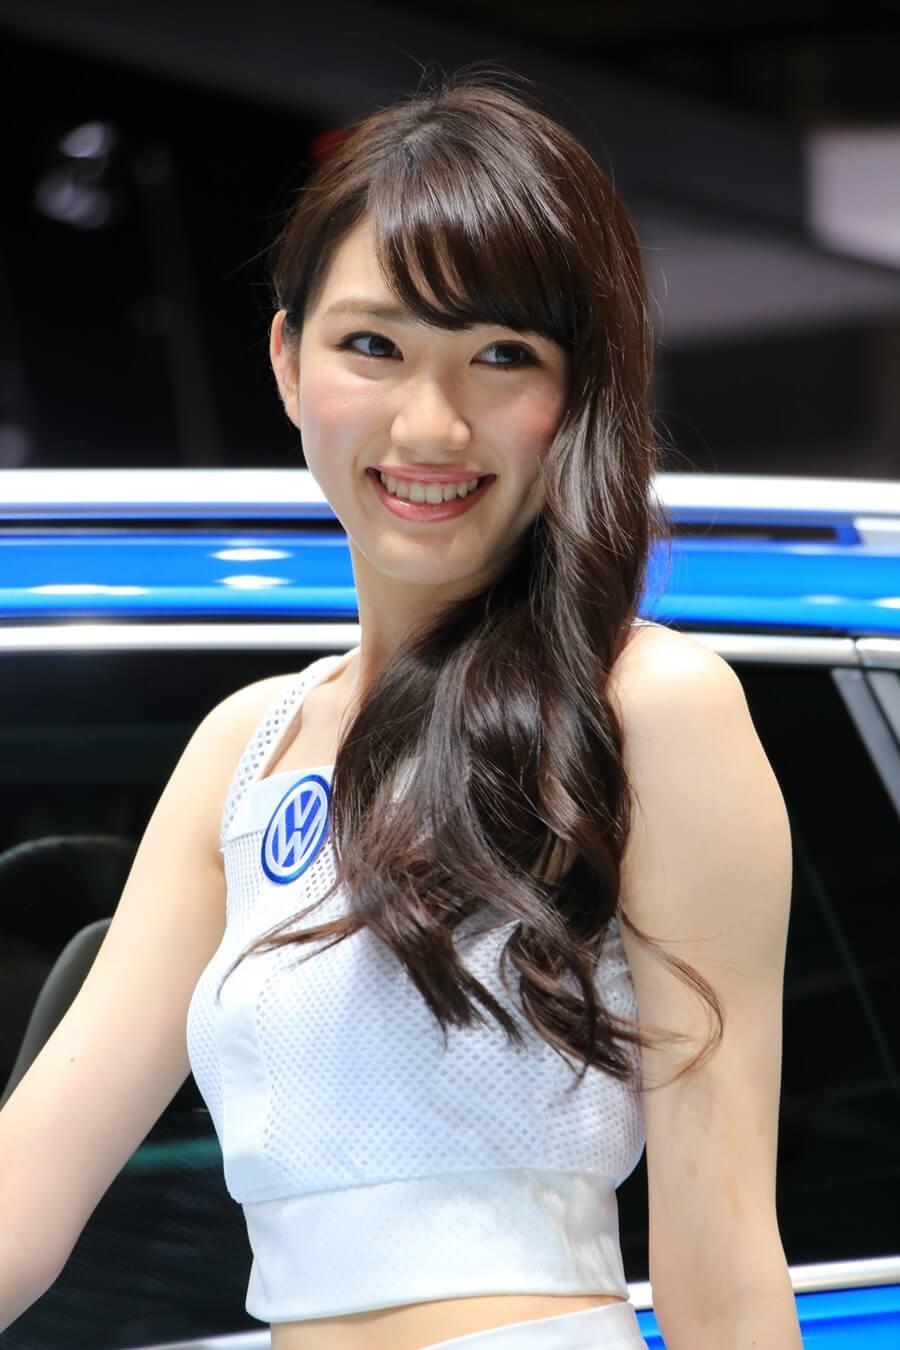 東京モーターショー2015 フォルクスワーゲン コンパニオン Tokyo_motor_show_2015_volkswagen (6)